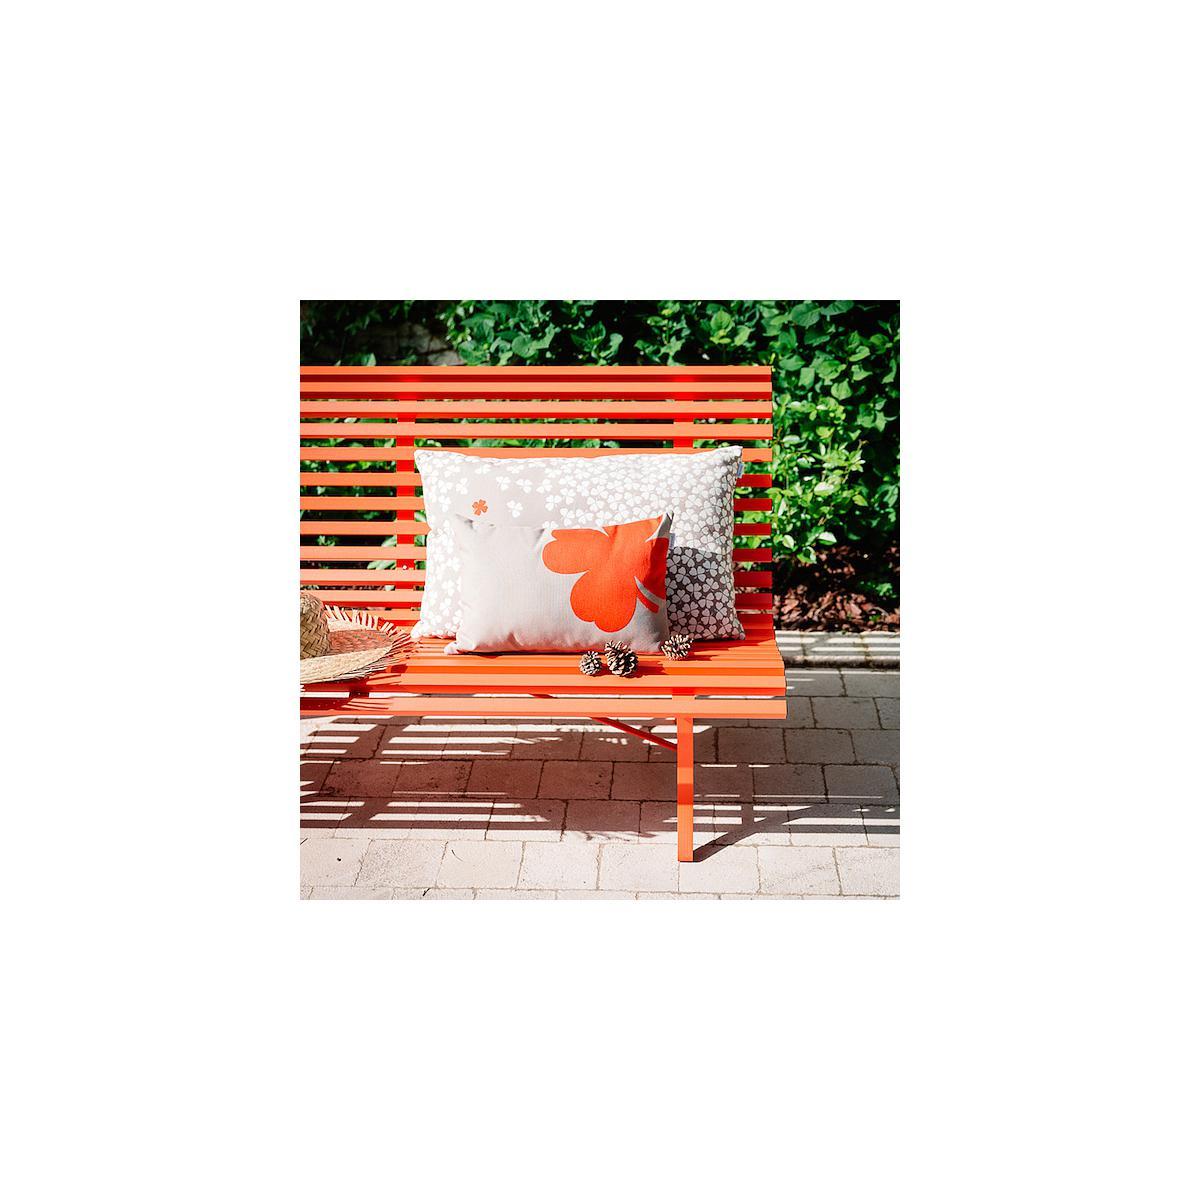 LOUISIANE by Fermob Banc rouge piment 150 cm